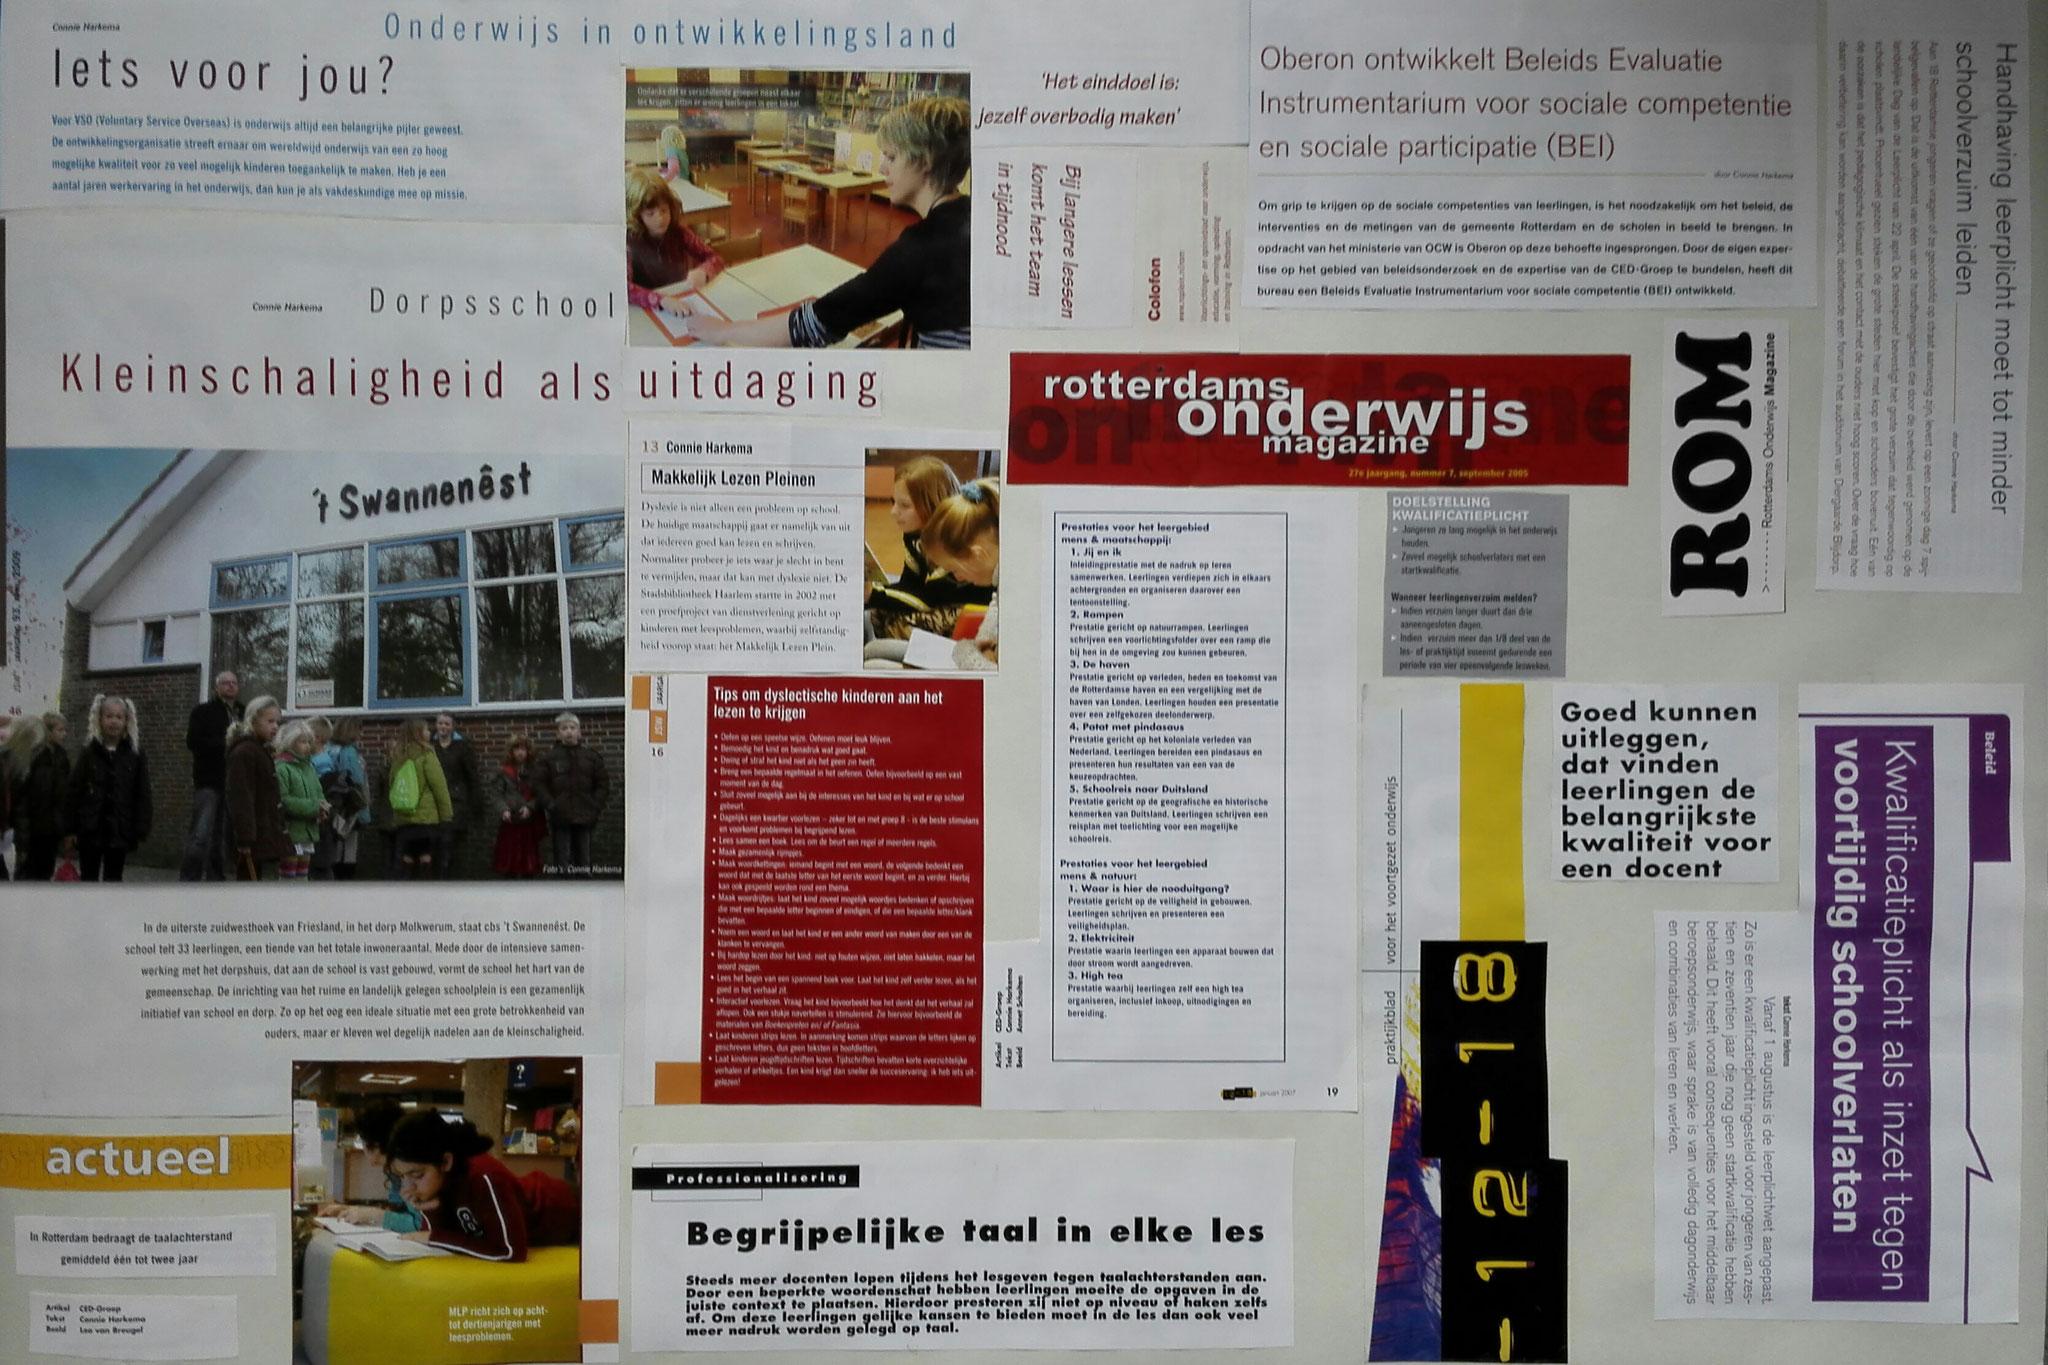 een samenstelling van stukjes tekst uit:  Rotterdams Onderwijs Magazine, Schoolmediatheek en Van Twaalf tot Achttien.  De bijbehorende haiku luidt als volgt: Een slechte uitleg - Dyslexie taalachterstand - Heel begrijpelijk